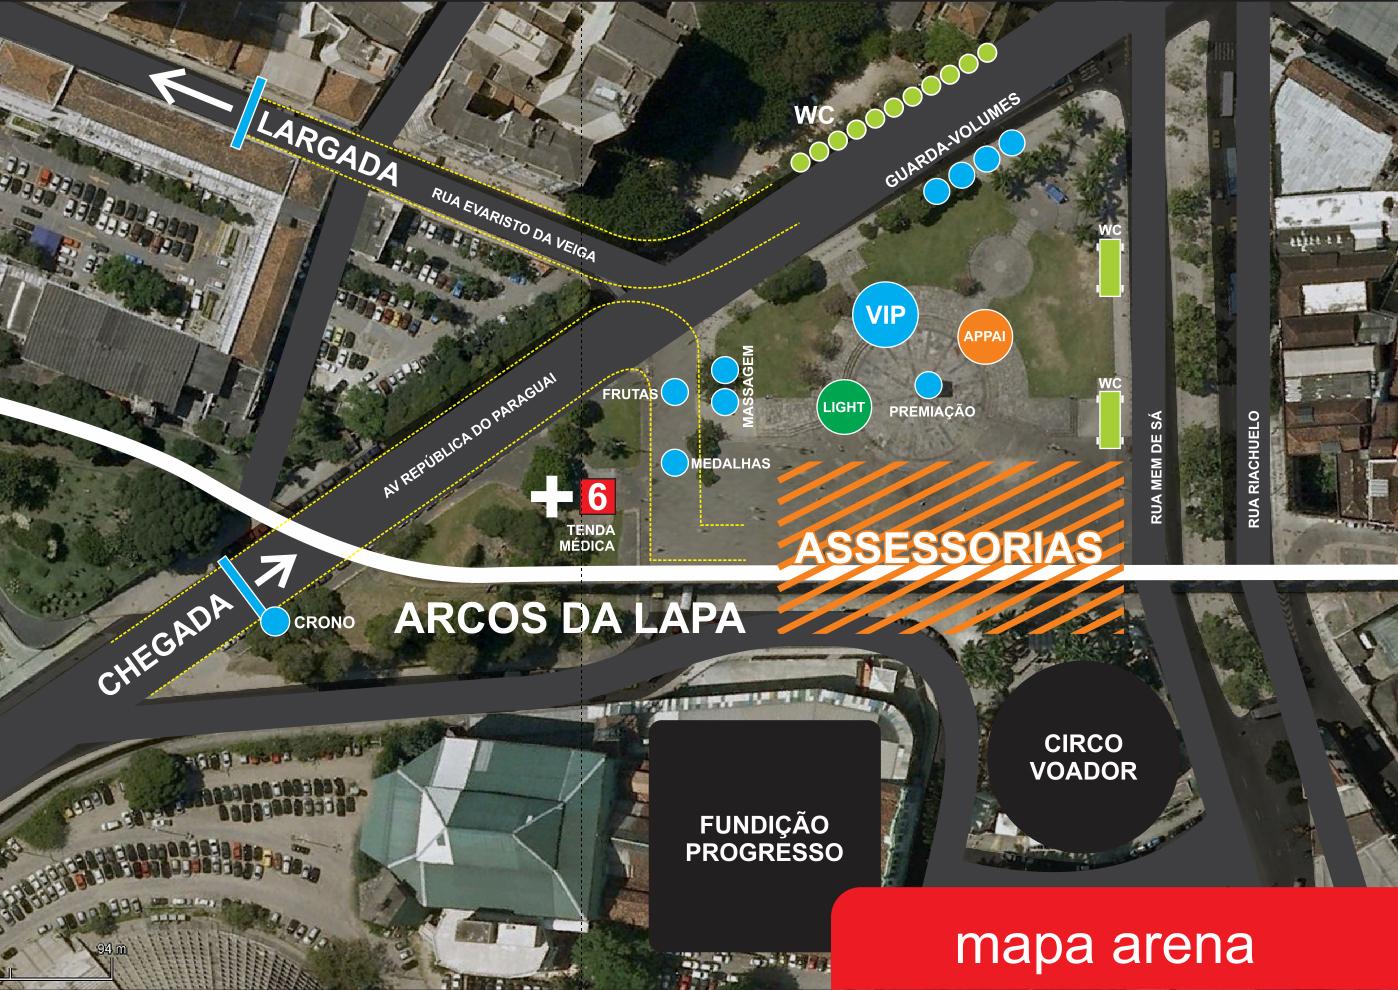 Circuito Rio Antigo : Informações importantes para o circuito light rio antigo u2013 etapa